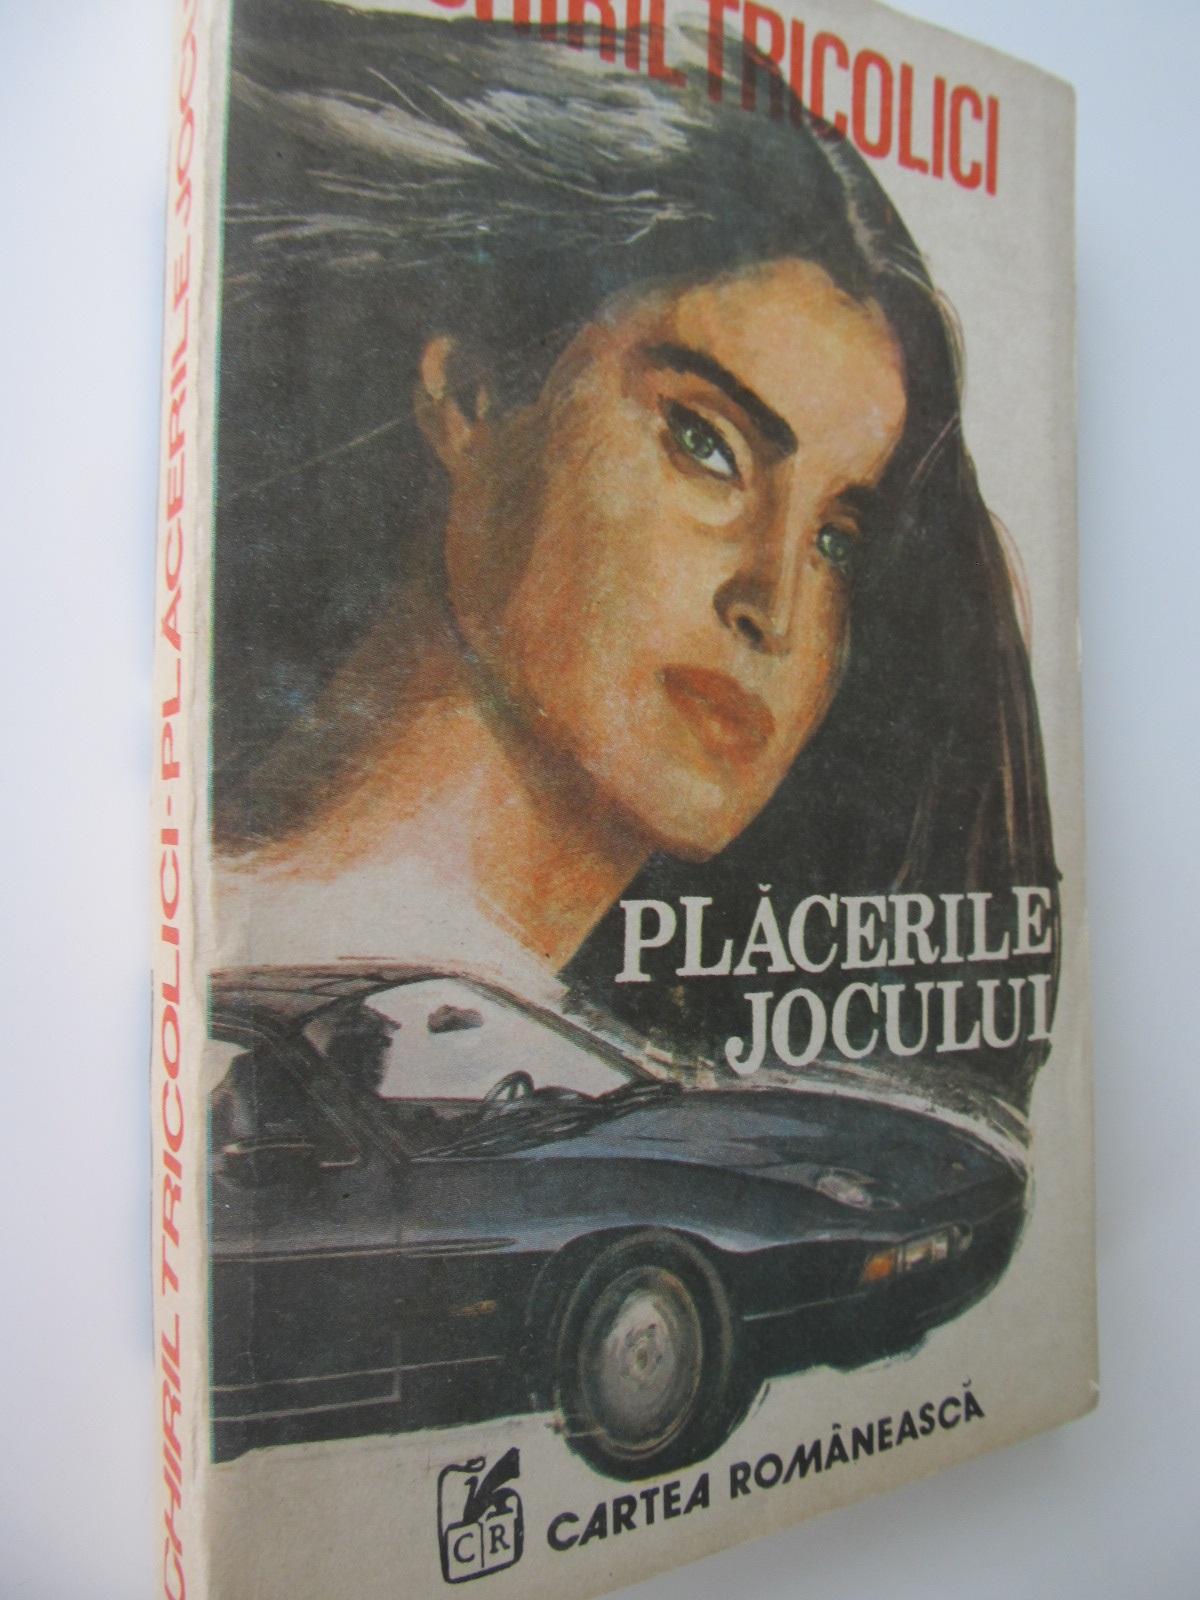 Placerile jocului - Chiril Tricolici | Detalii carte